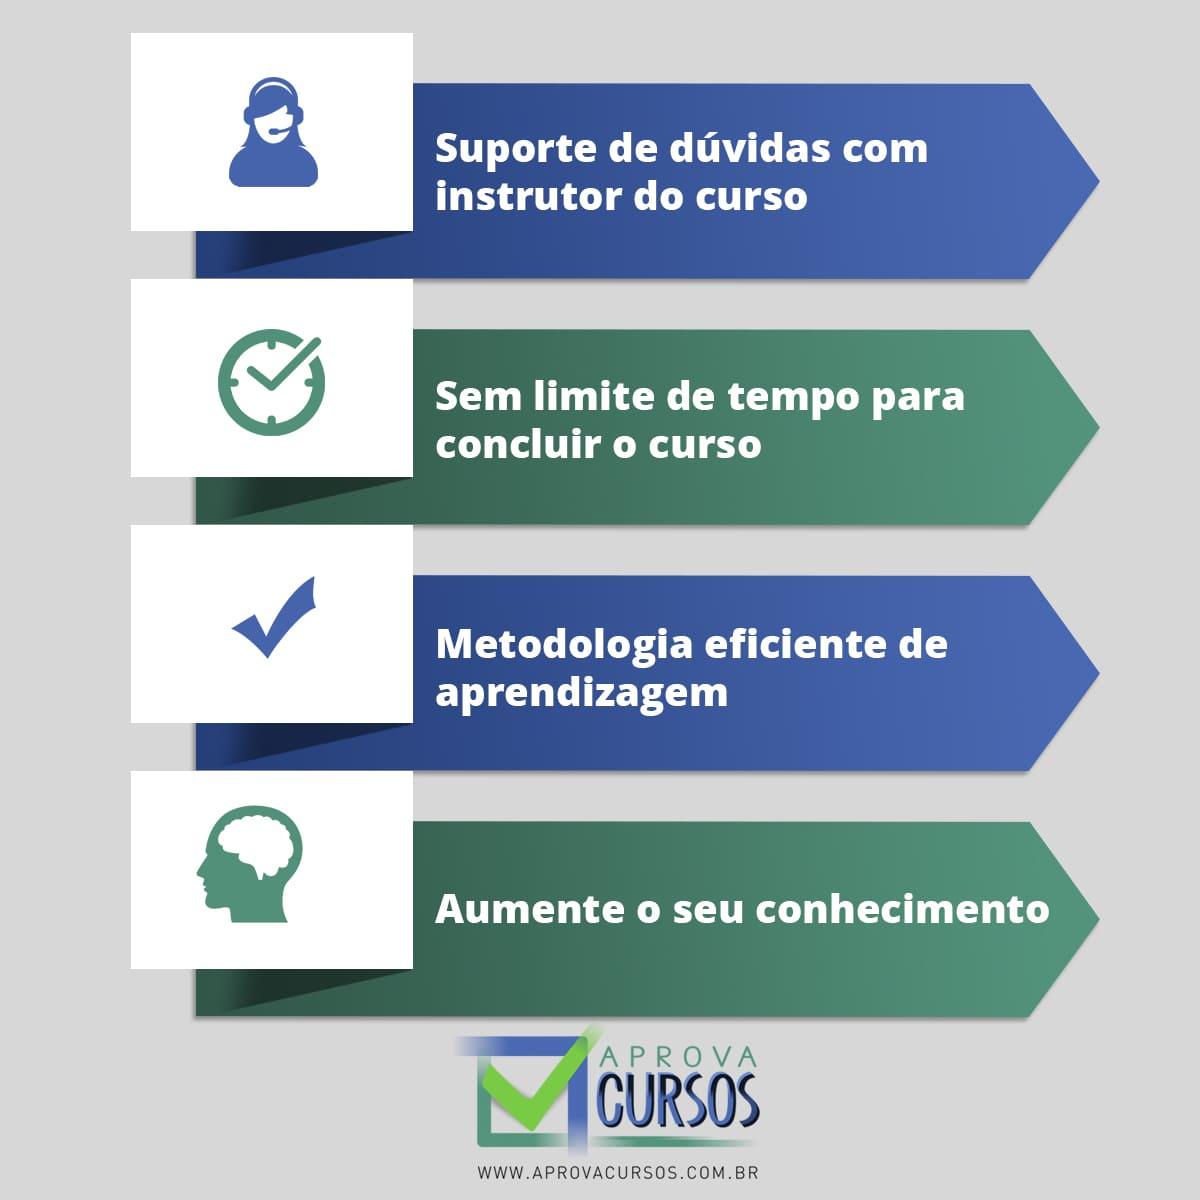 Curso online de Jornalismo + Certificado  - Aprova Cursos